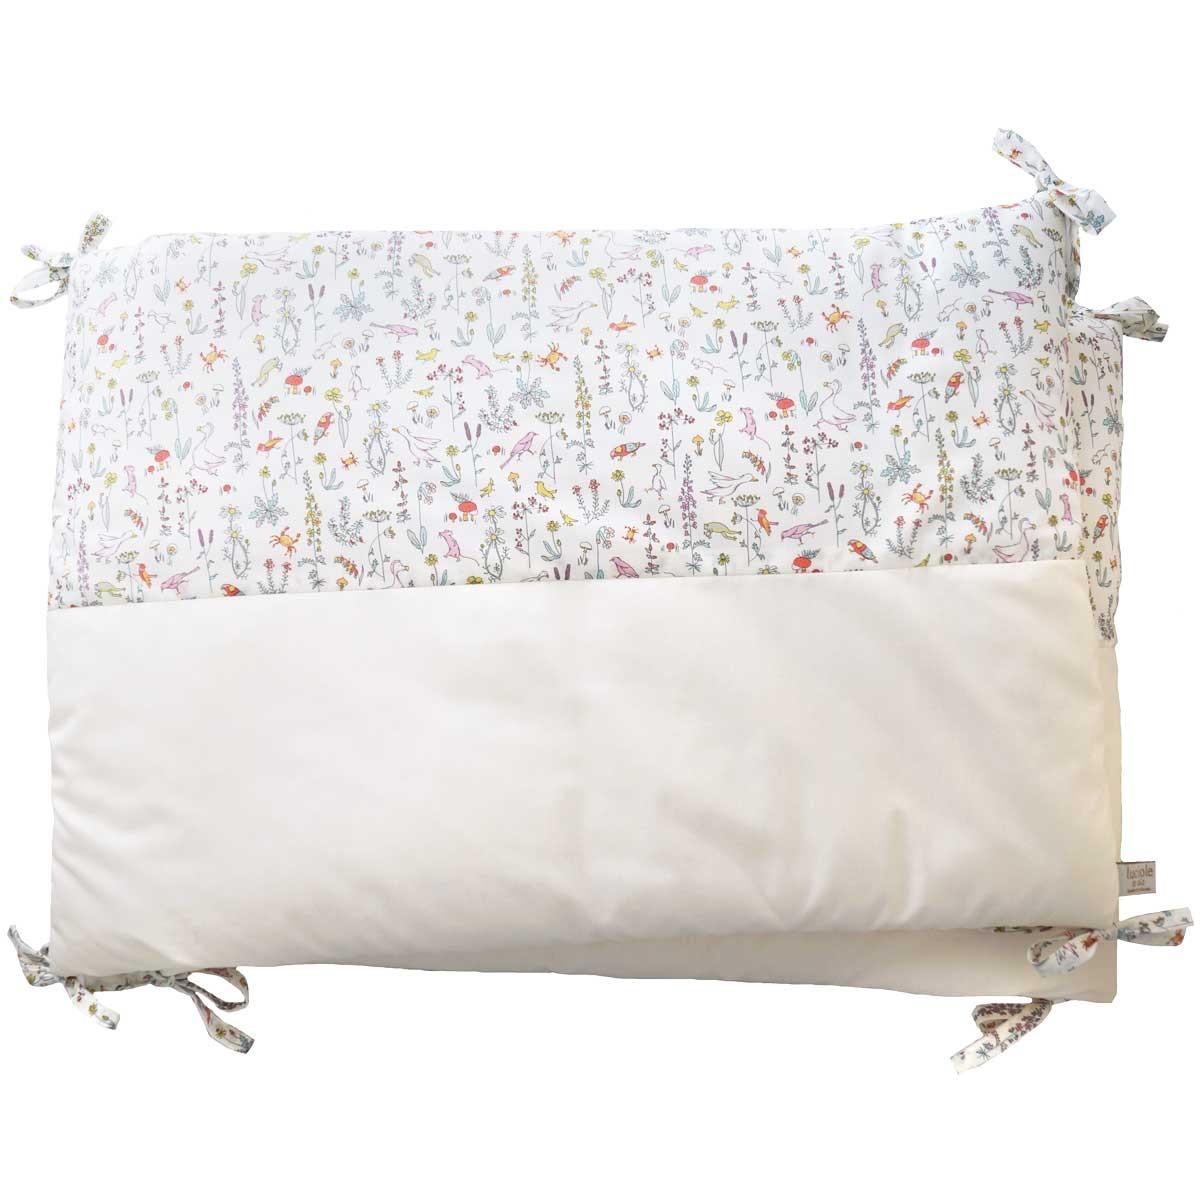 Tour de lit bébé en coton Oeko-Tex écru et Liberty